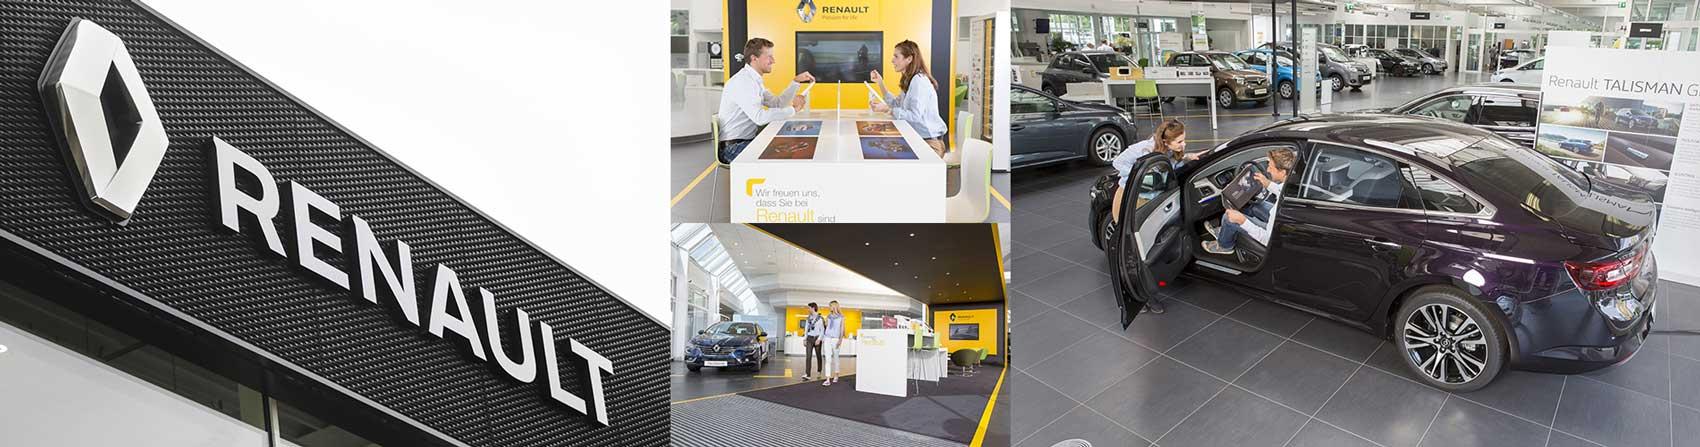 Autohaus-Fischer-Renault_Jobs-und-Karriere